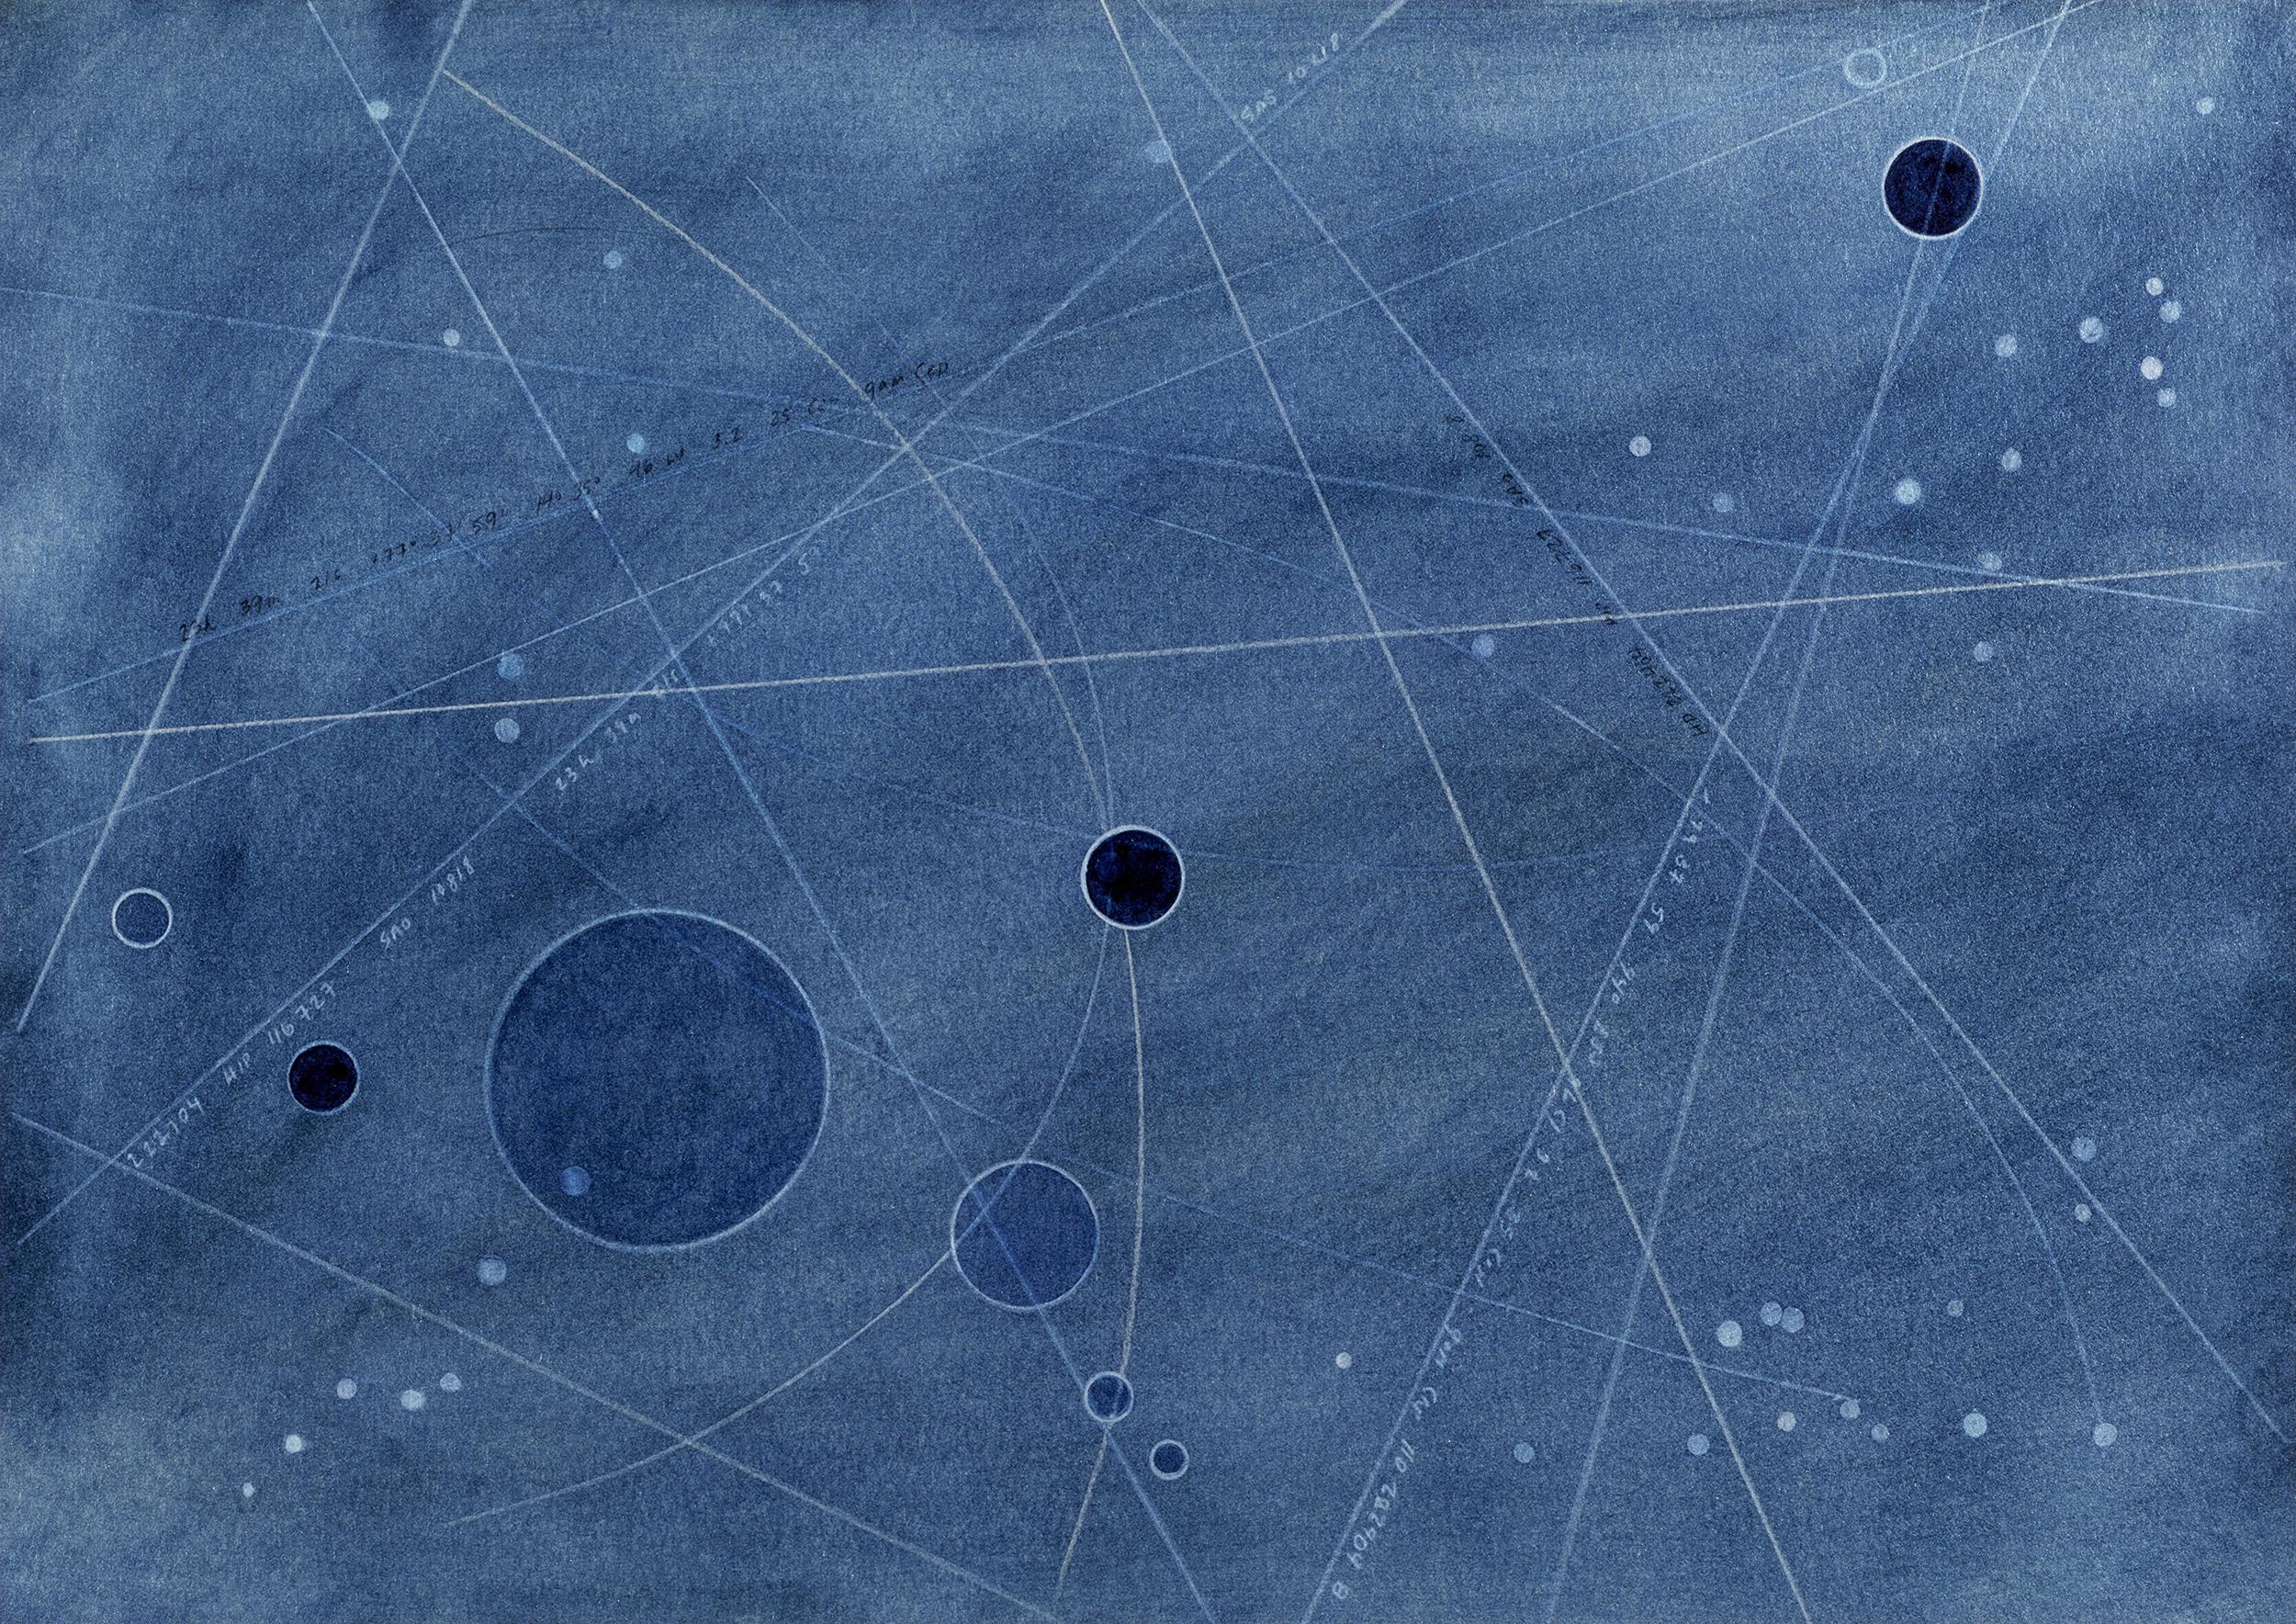 Errai Cepheus- 46 Light Years  2019  Archival Pigment Print  Metallic Paper  11 x 14 inches  (27.9 x 35.5 cm)